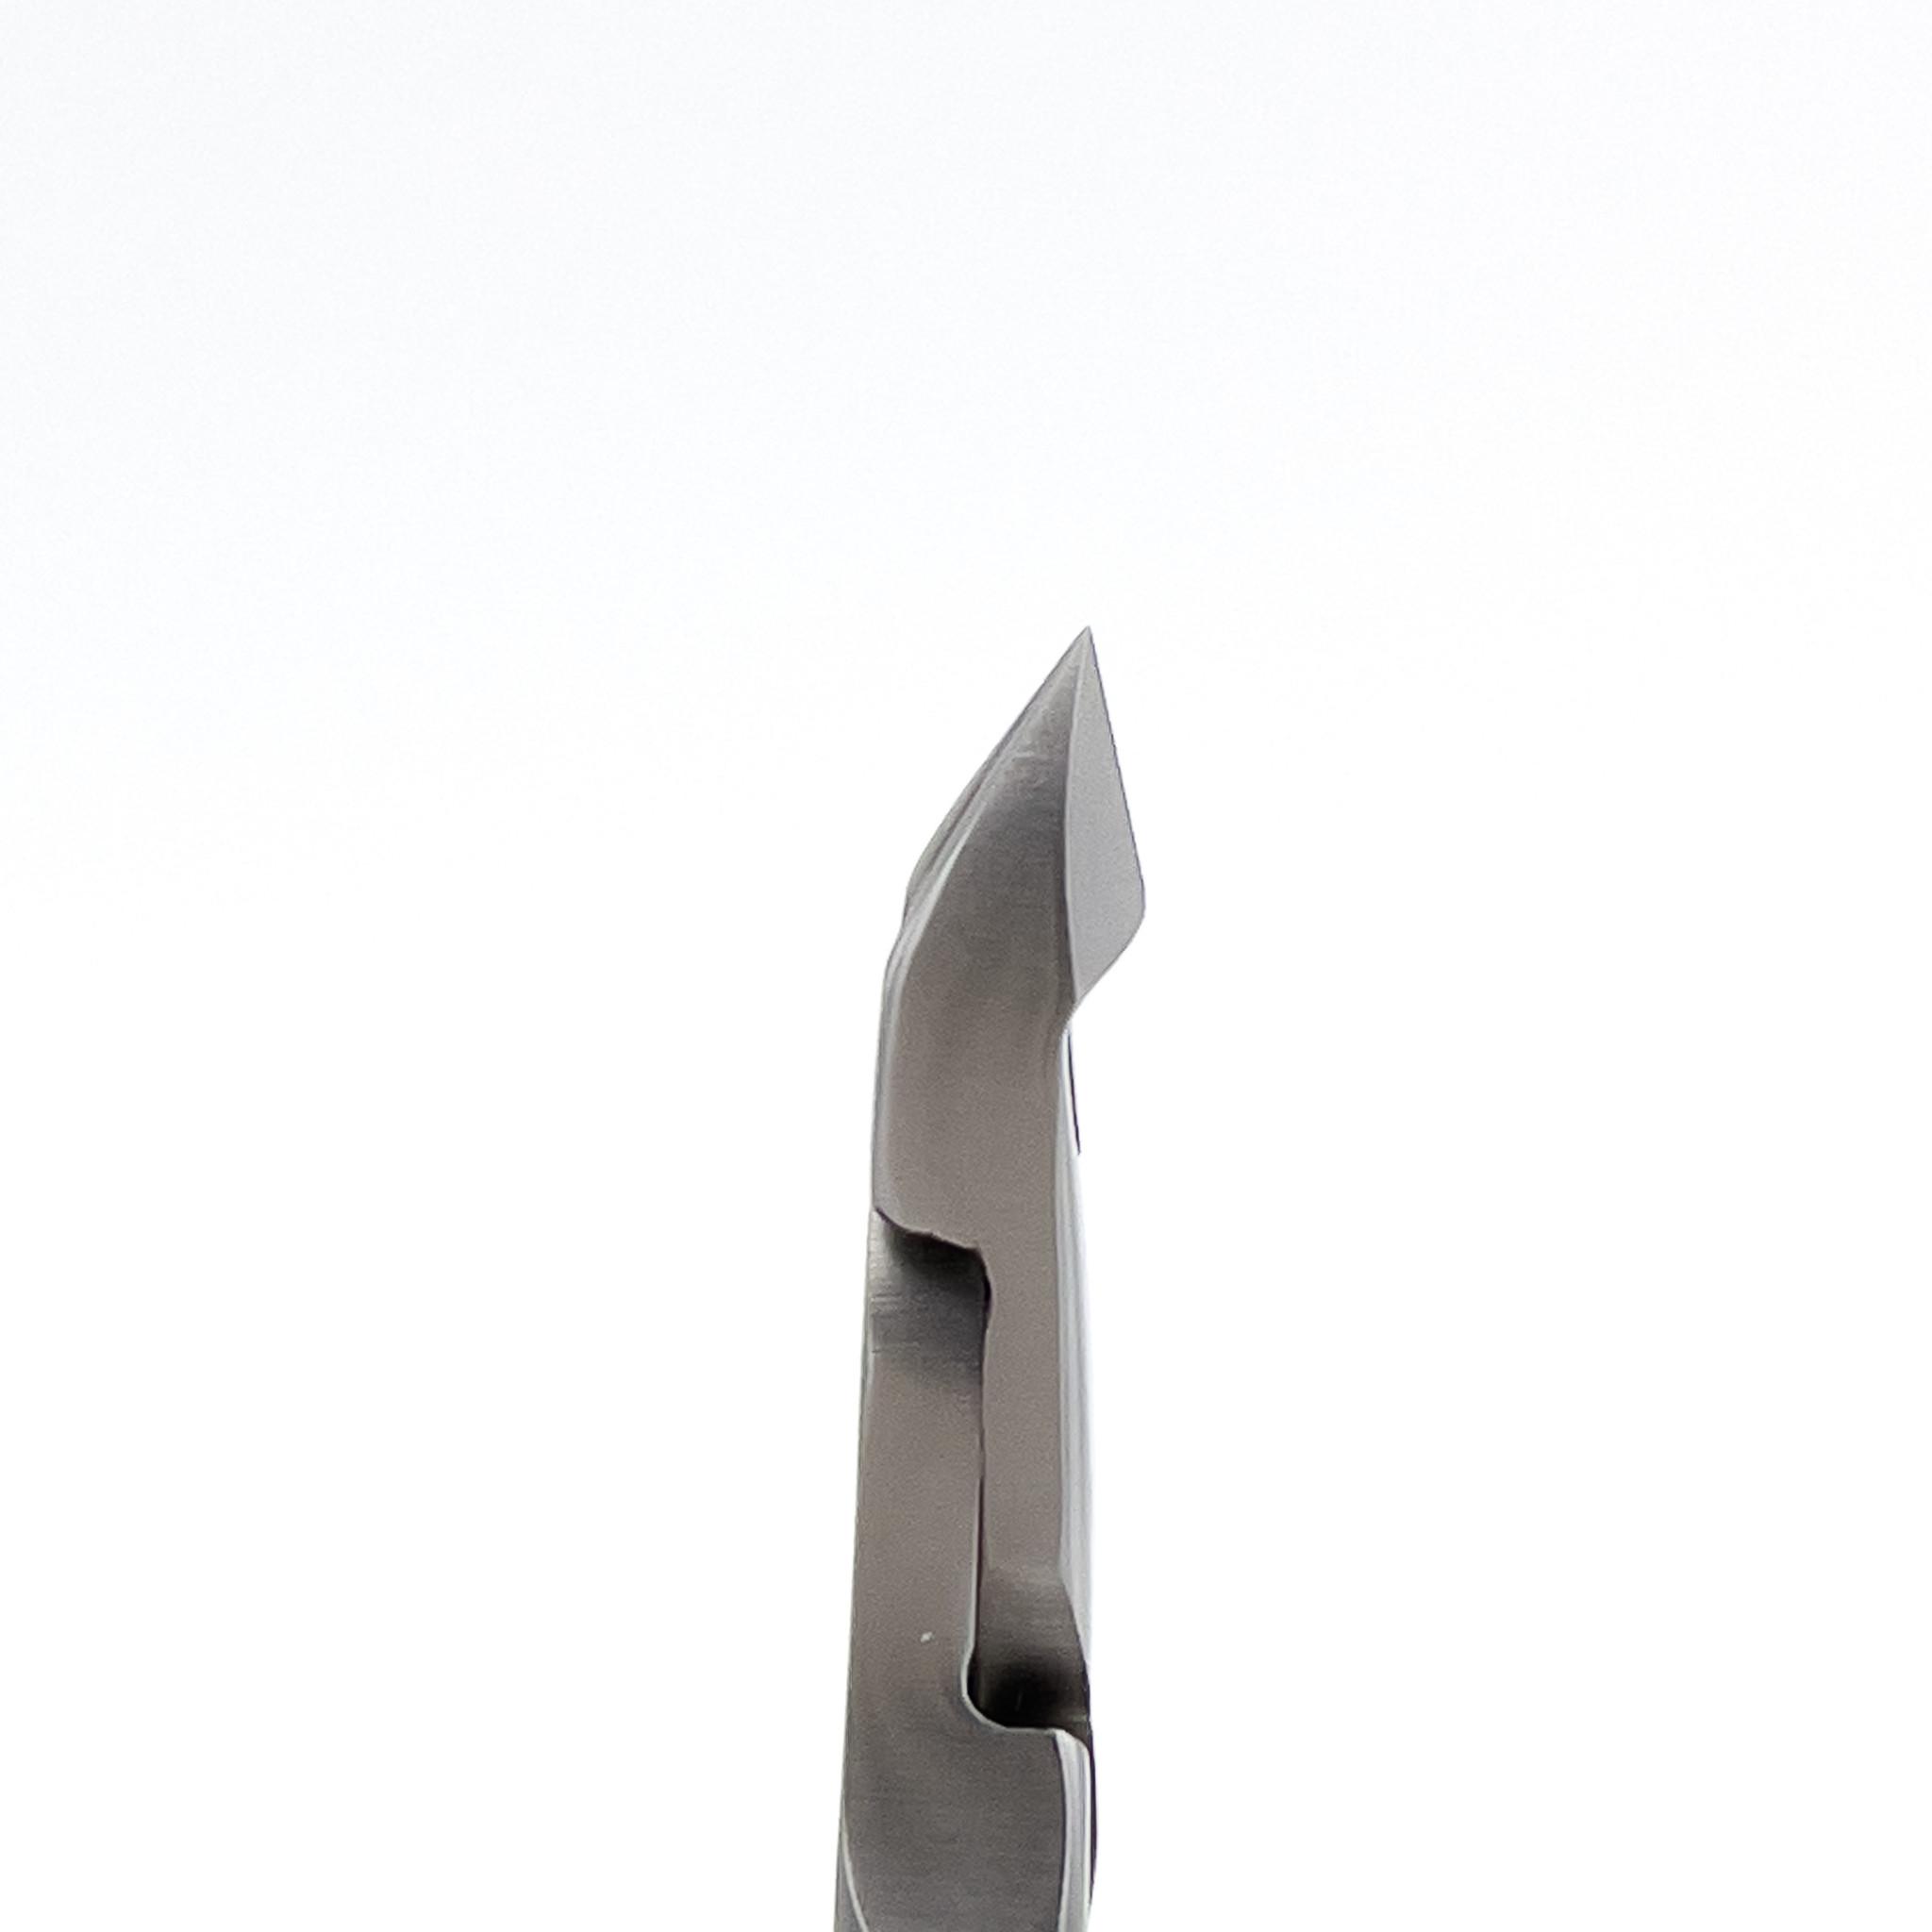 STALENA Vellentang 7 mm - langere handgreep KE-08 (N5-30-07) NIEUW!